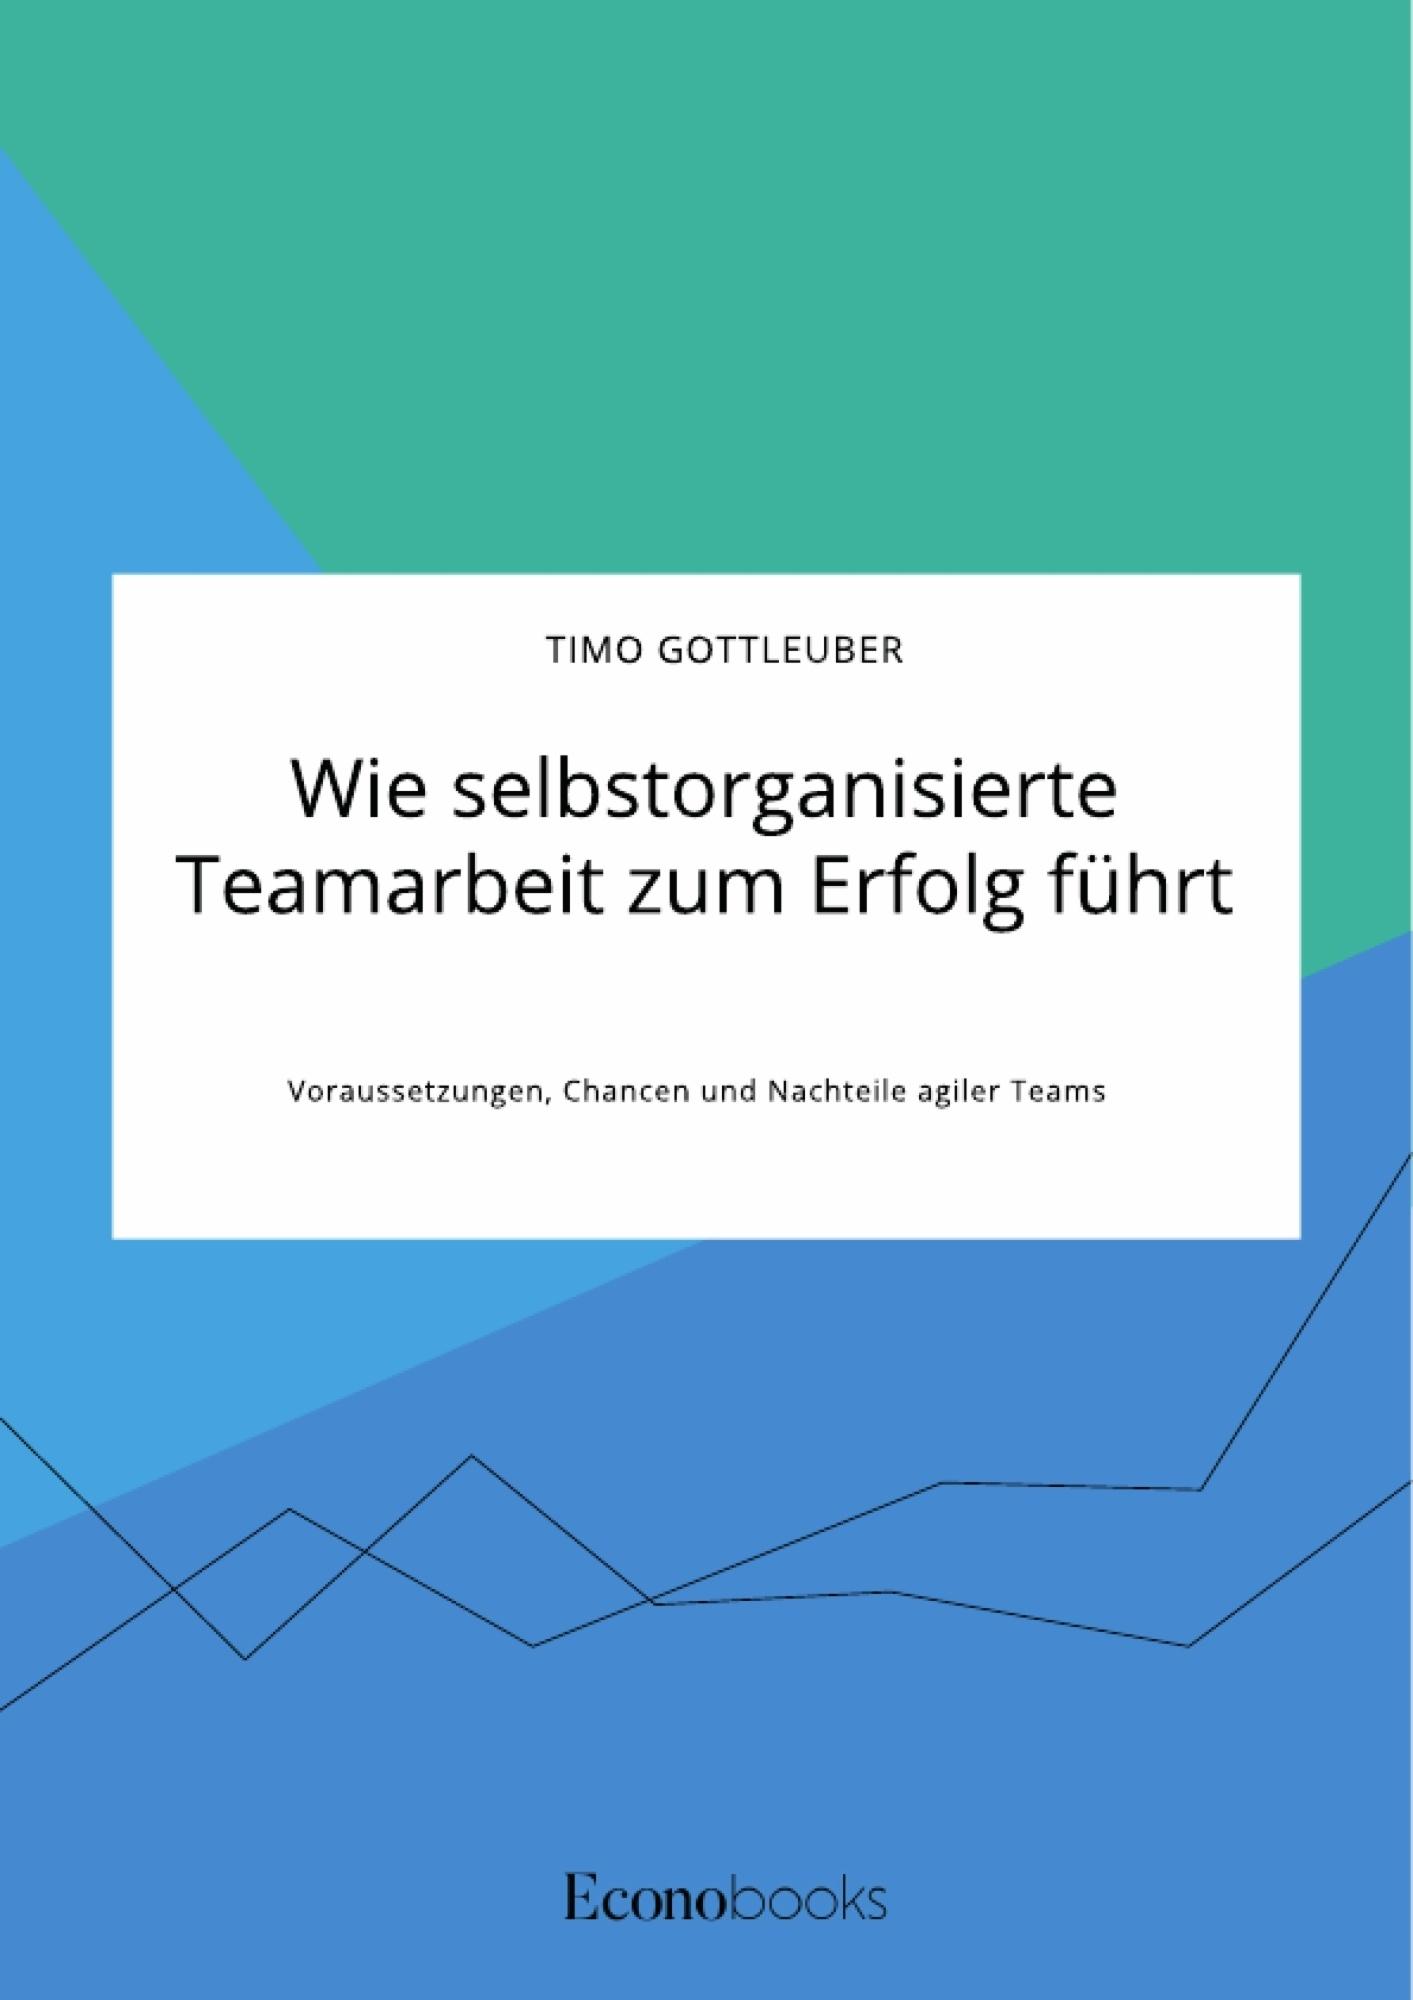 Titel: Wie selbstorganisierte Teamarbeit zum Erfolg führt. Voraussetzungen, Chancen und Nachteile agiler Teams